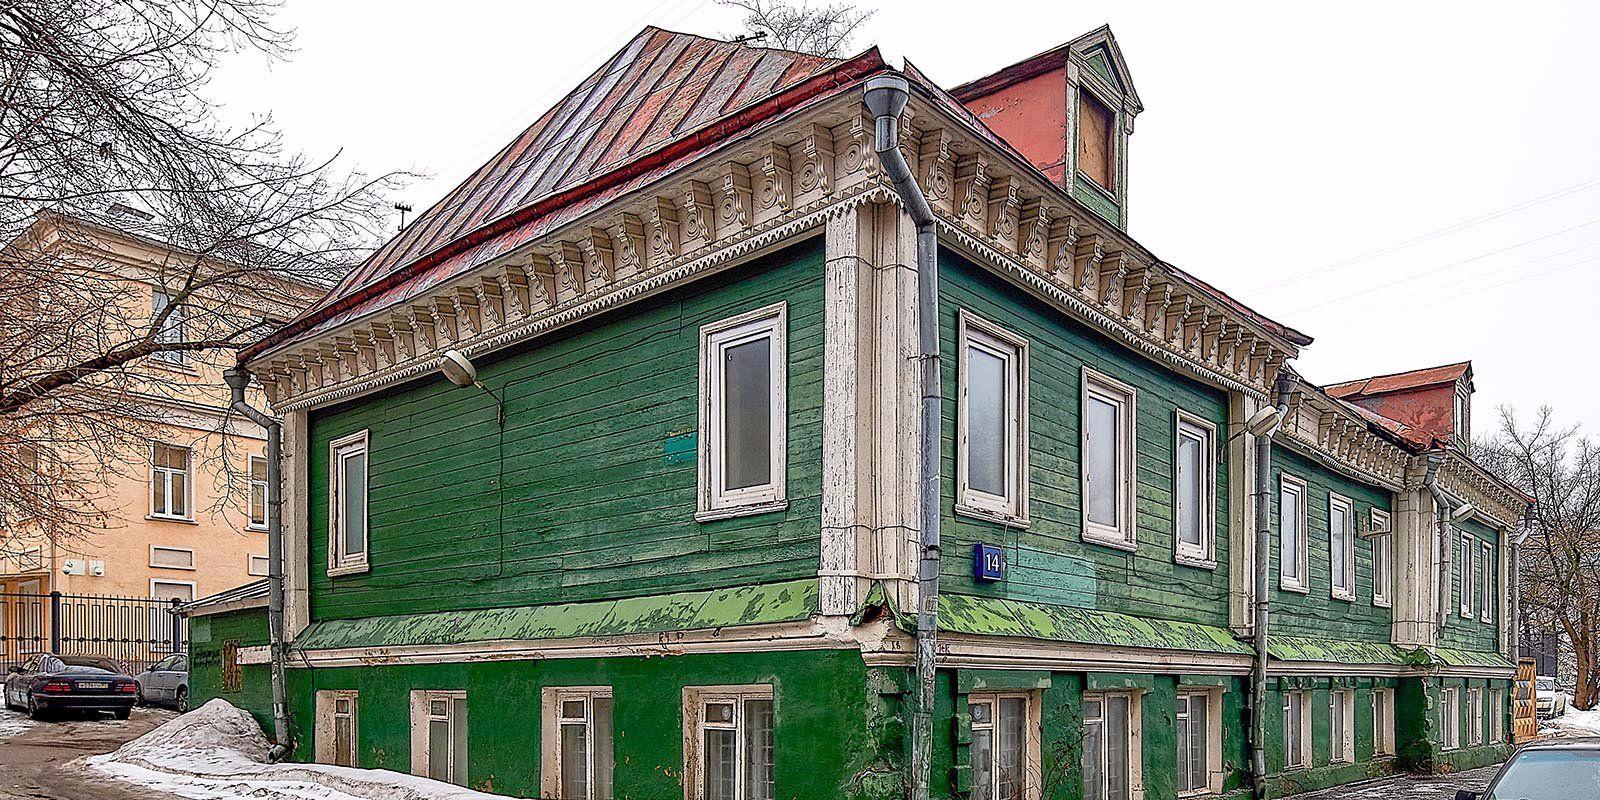 Власти Москвы признали зеленый дом с кокошником памятником архитектуры